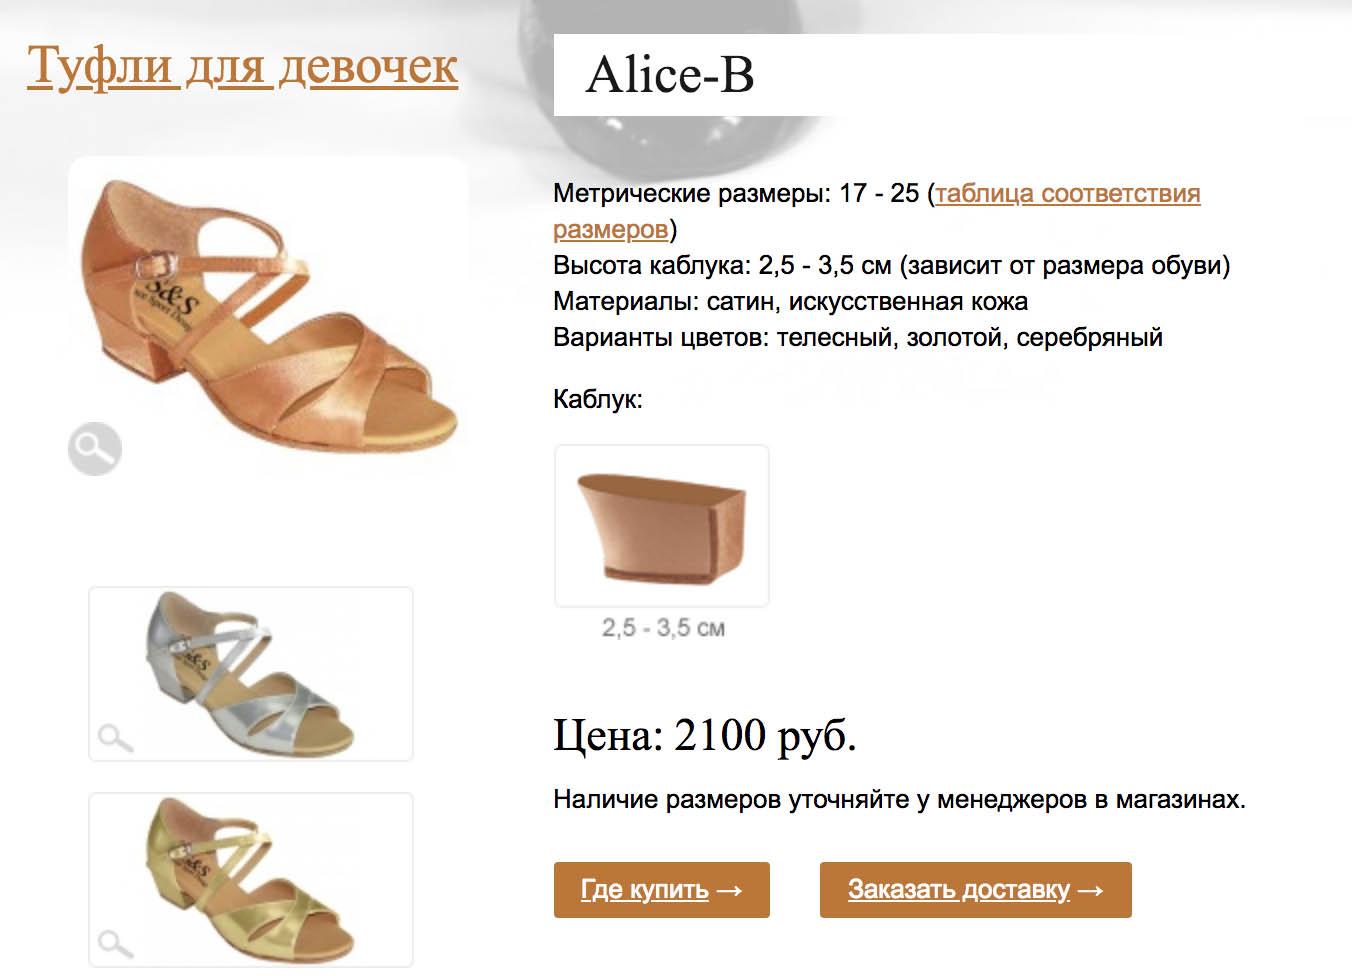 Основные цвета танцевальных туфель: телесный, золотой, серебристый. Источник: ss-dance-shoes.ru